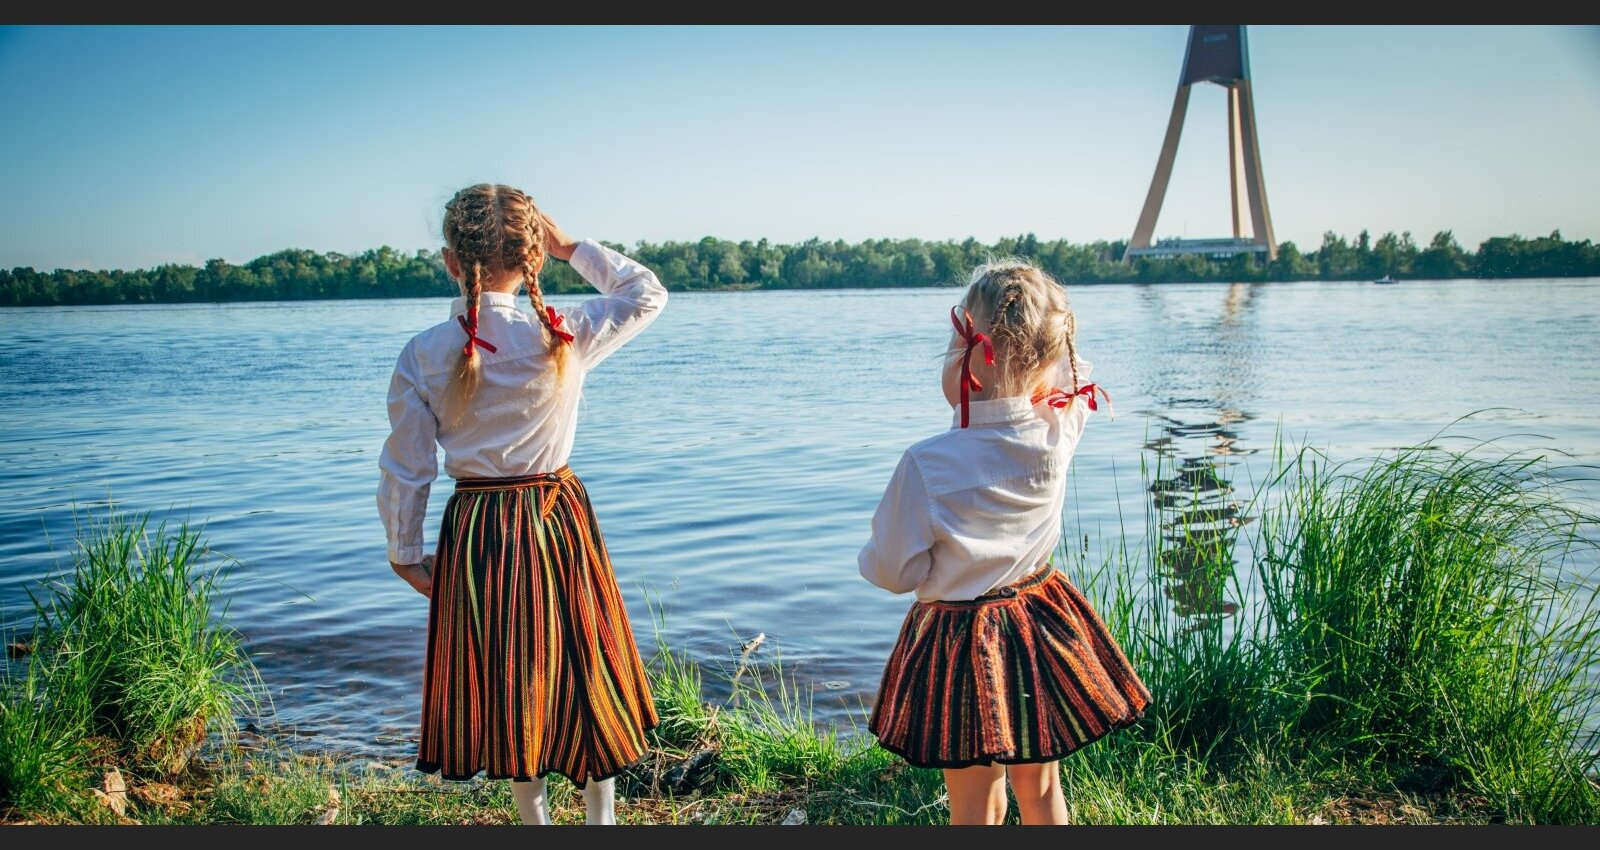 Патриоты или космополиты? Легко ли быть ребенком латвийских эмигрантов и ремигрантов